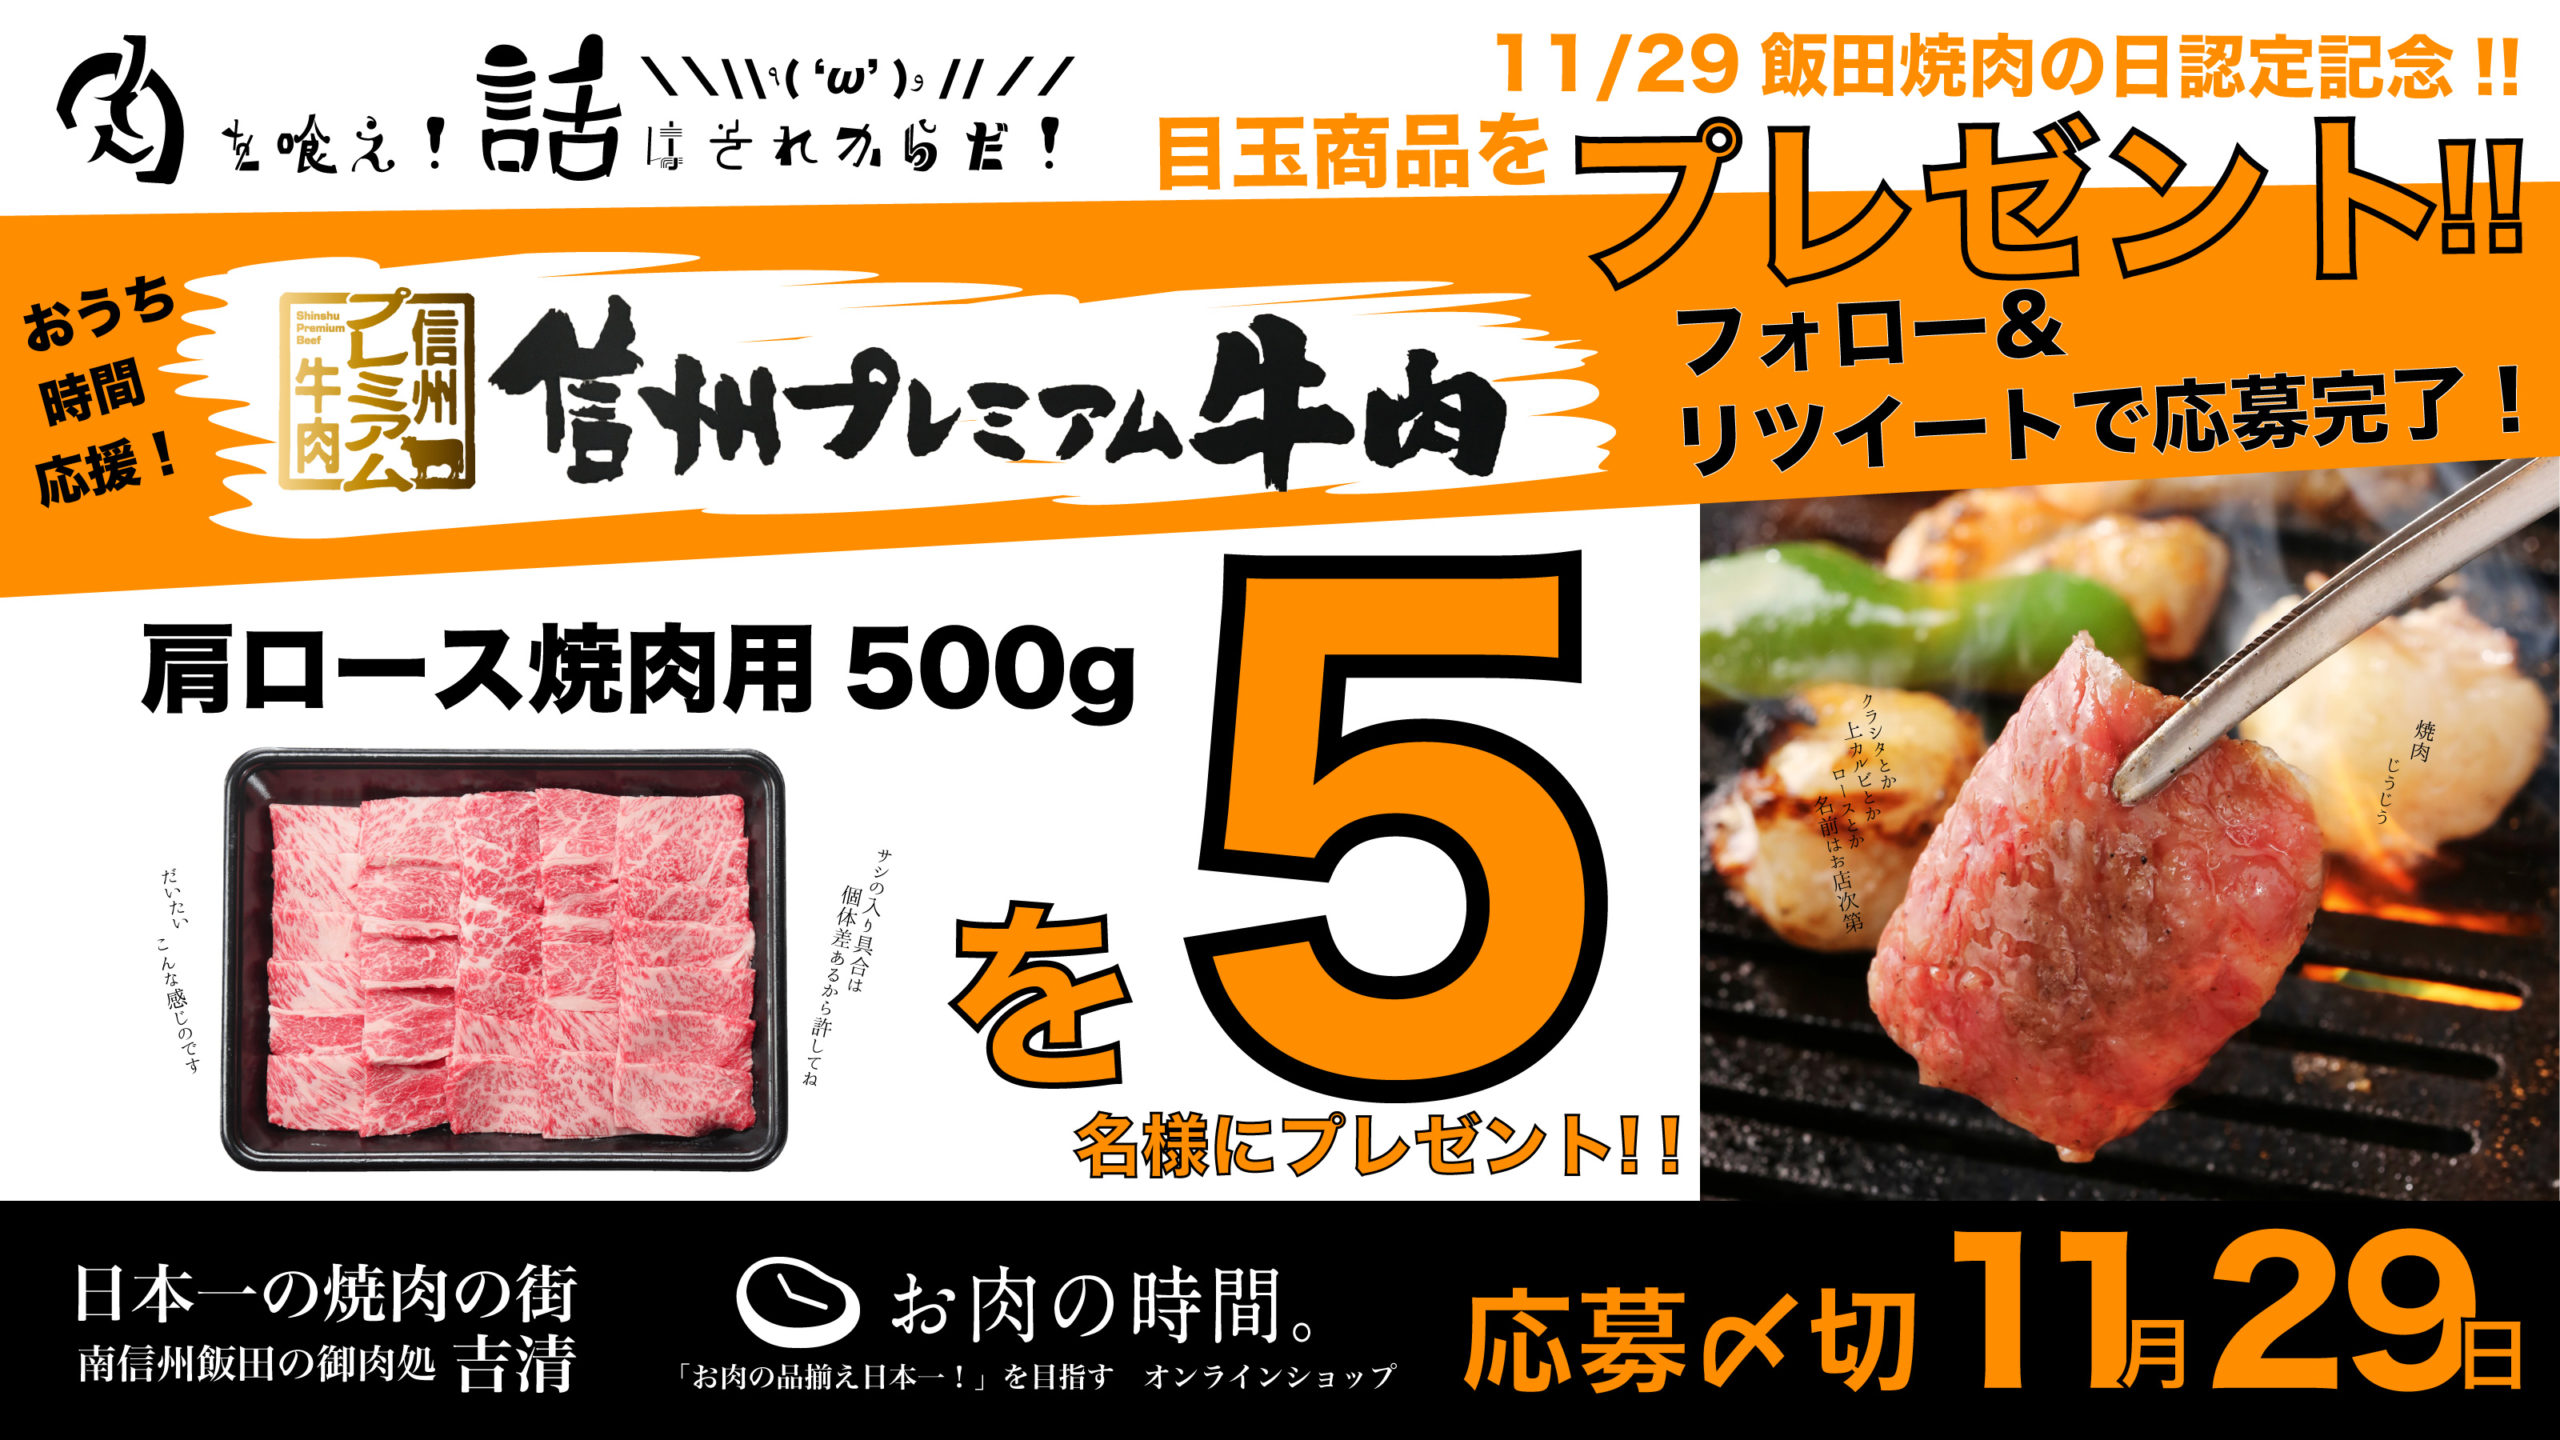 11/27正午より!11/29飯田焼肉の日認定記念!フォローRTキャンペーン!